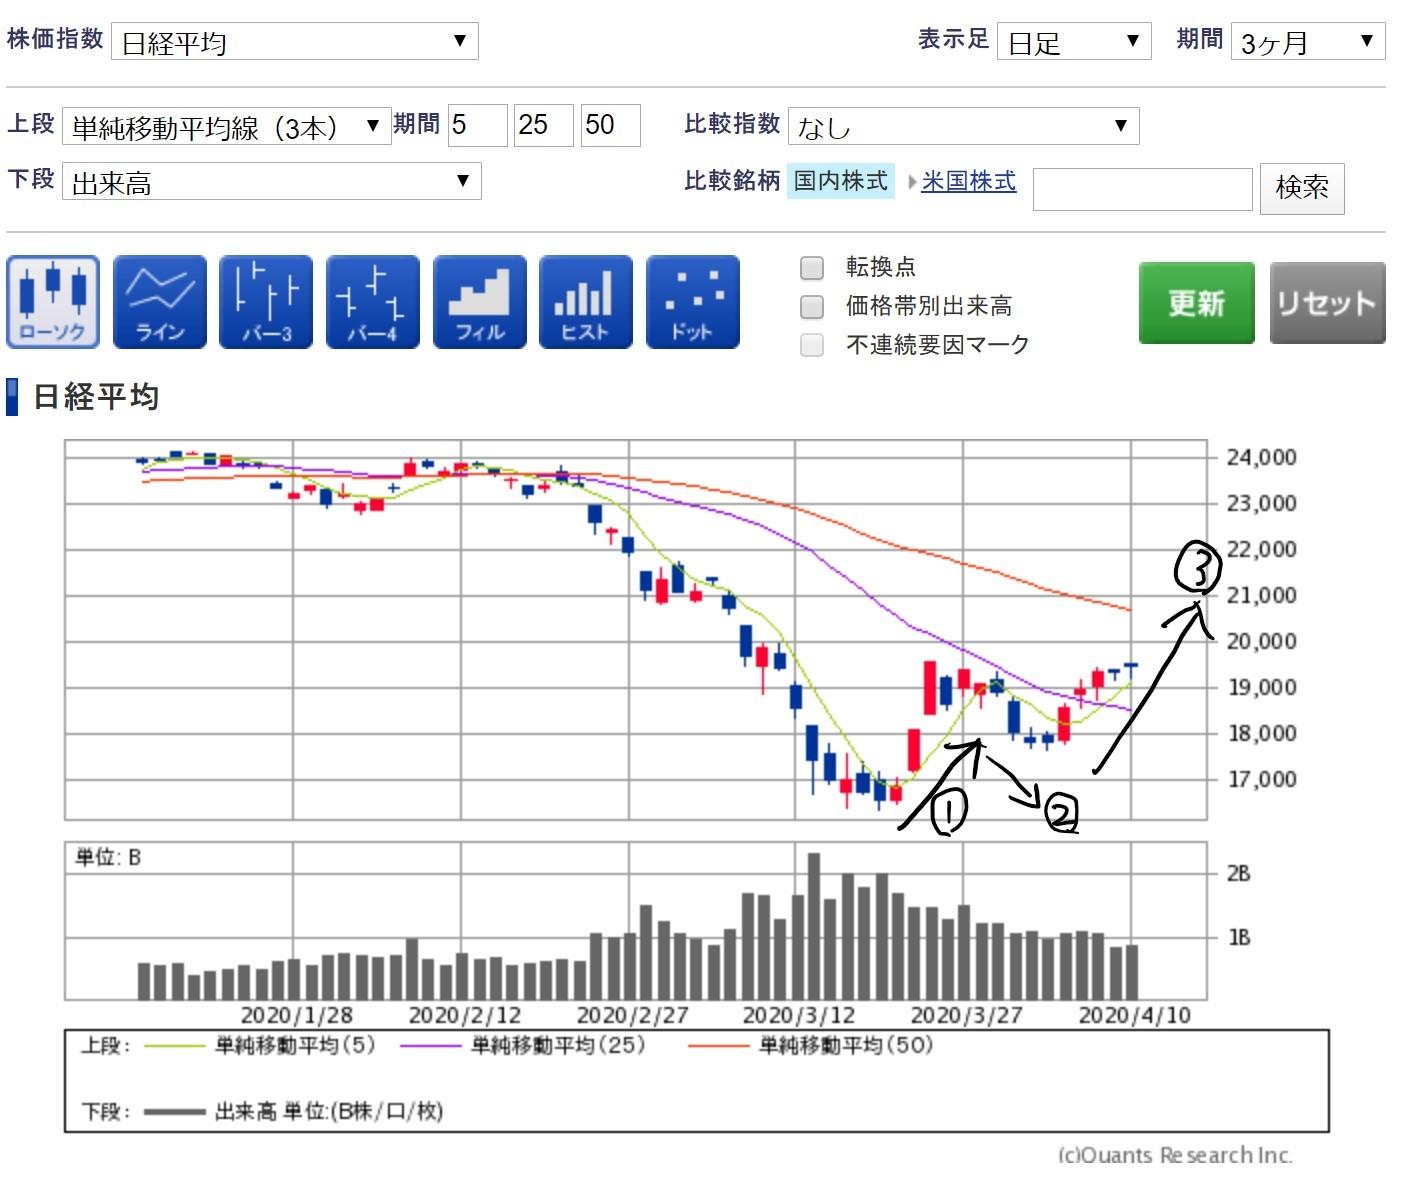 予想 株価 本日 の